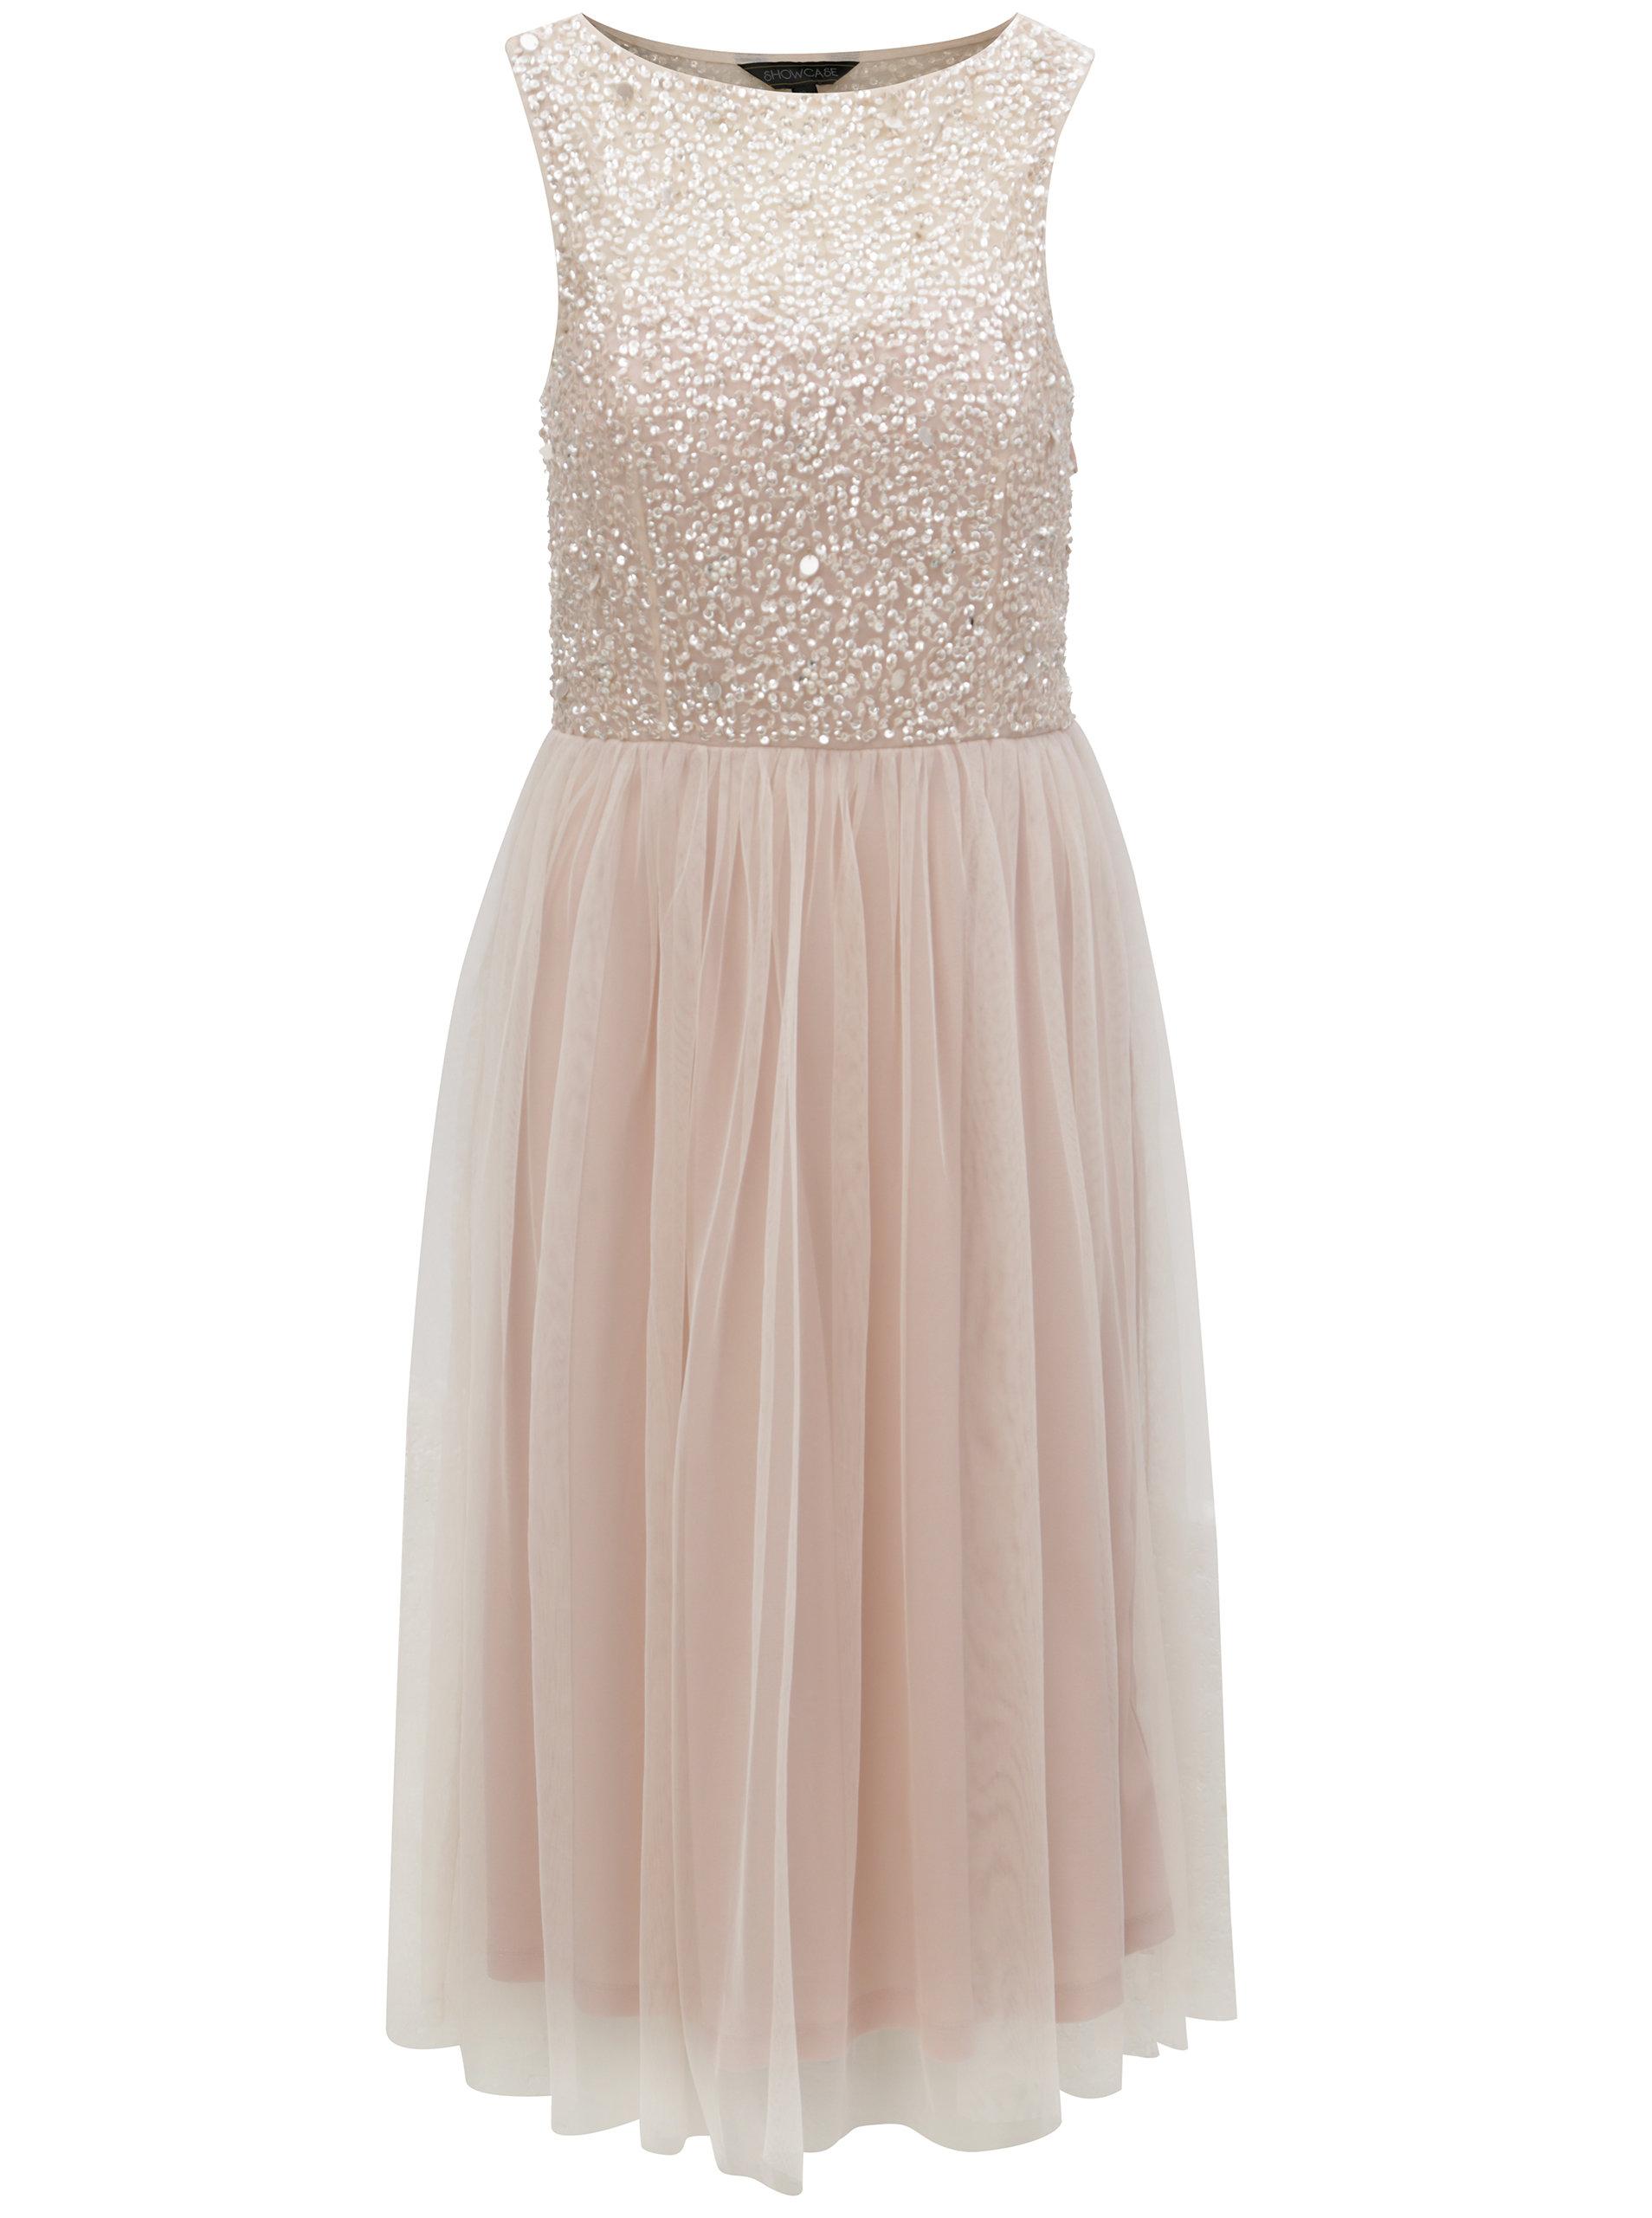 Světle růžové šaty s flitrovaným topem Dorothy Perkins ... 2d2068cd1f